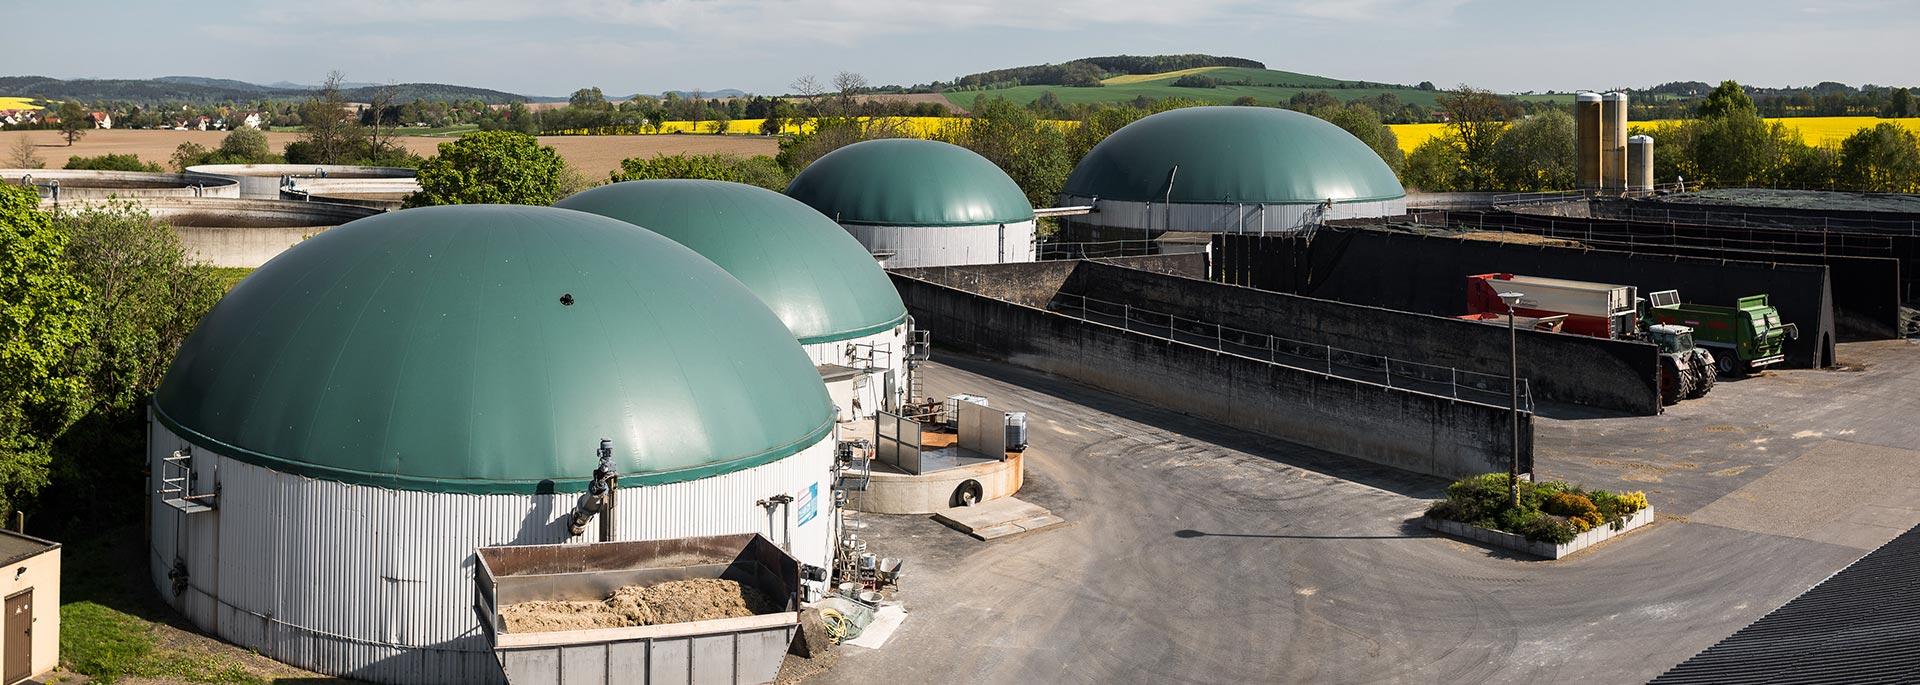 Sliderbild-Biogasanlage